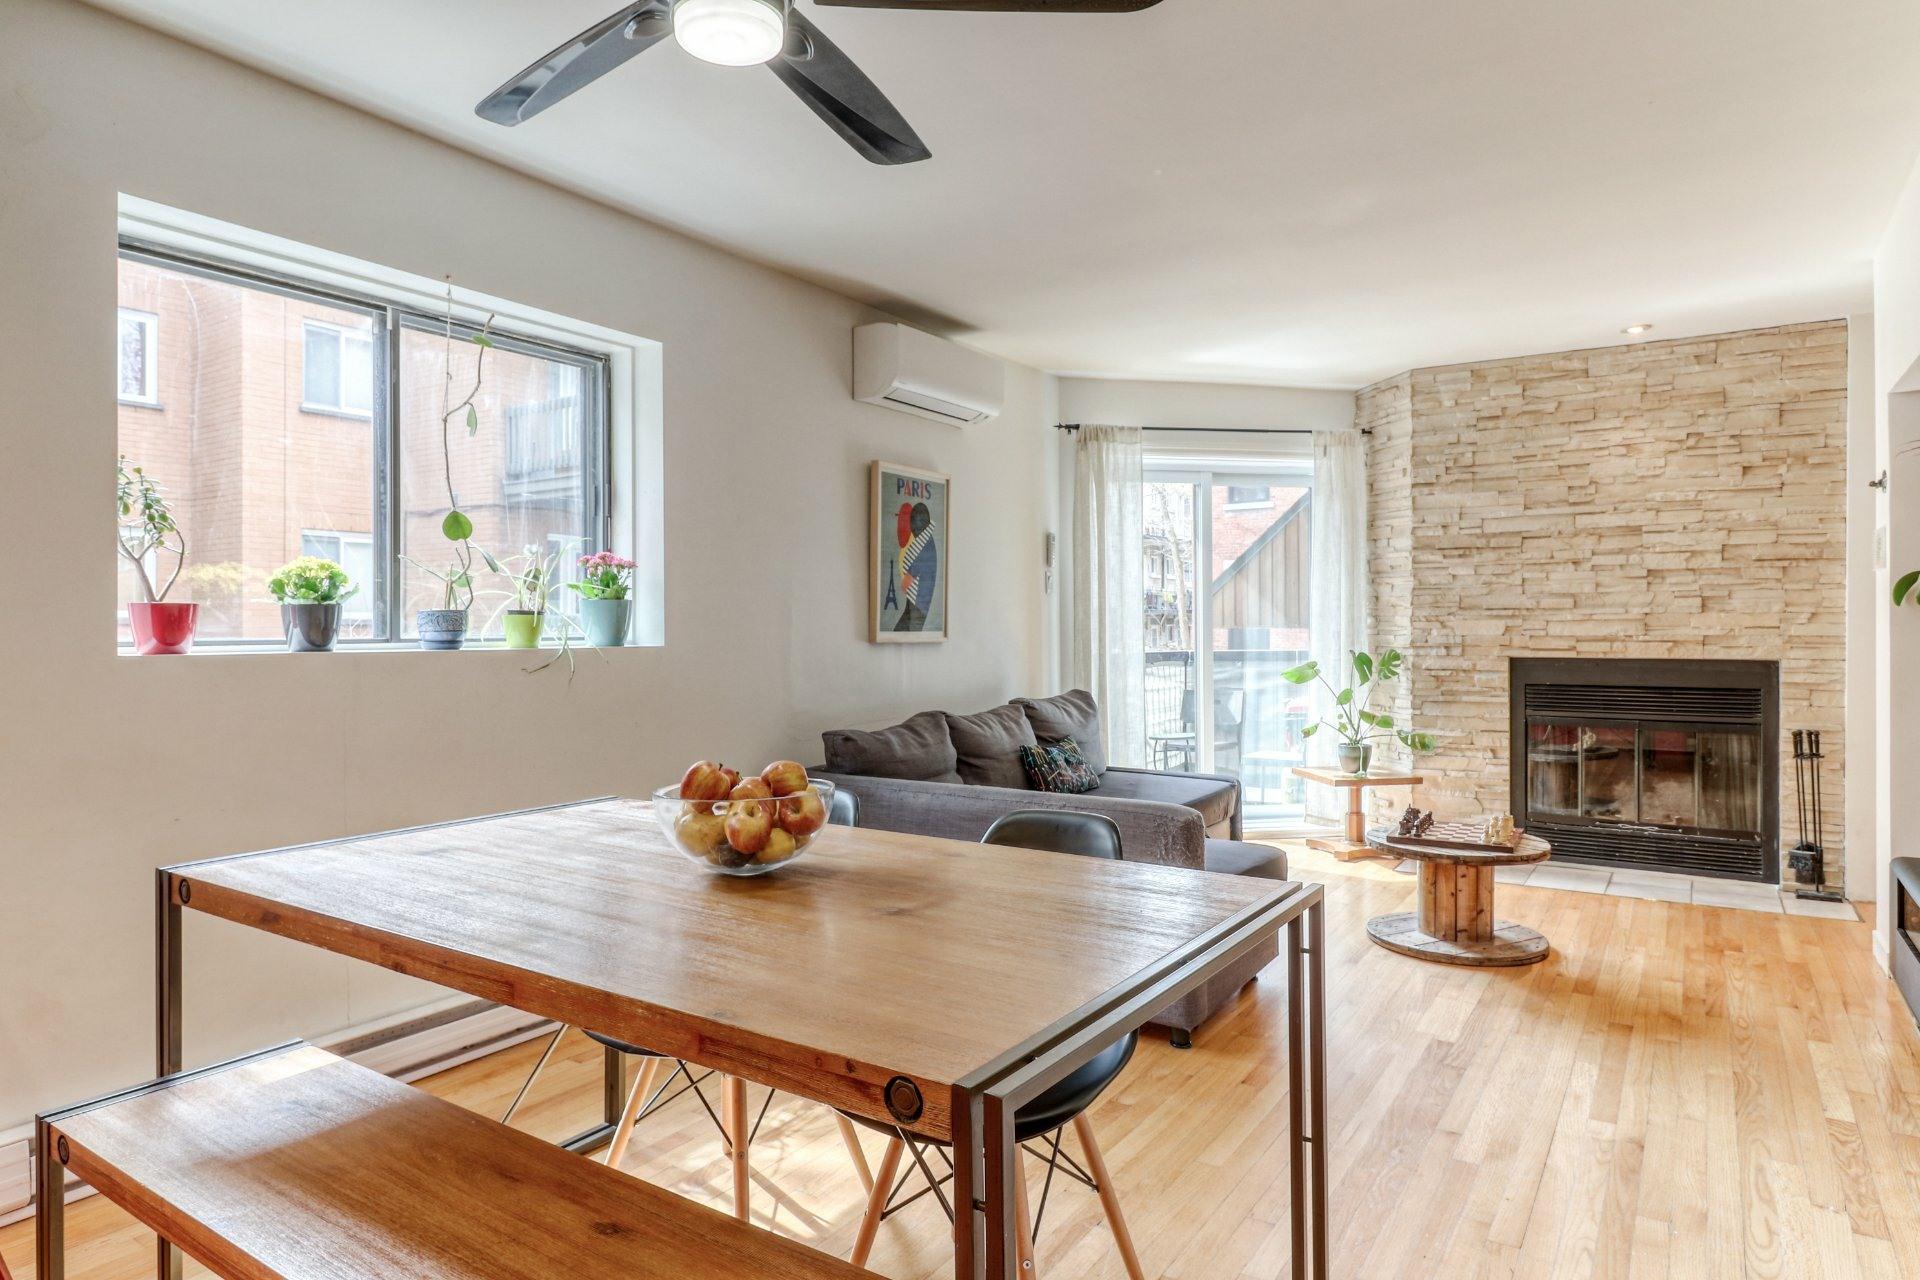 image 6 - Appartement À vendre Ville-Marie Montréal  - 5 pièces